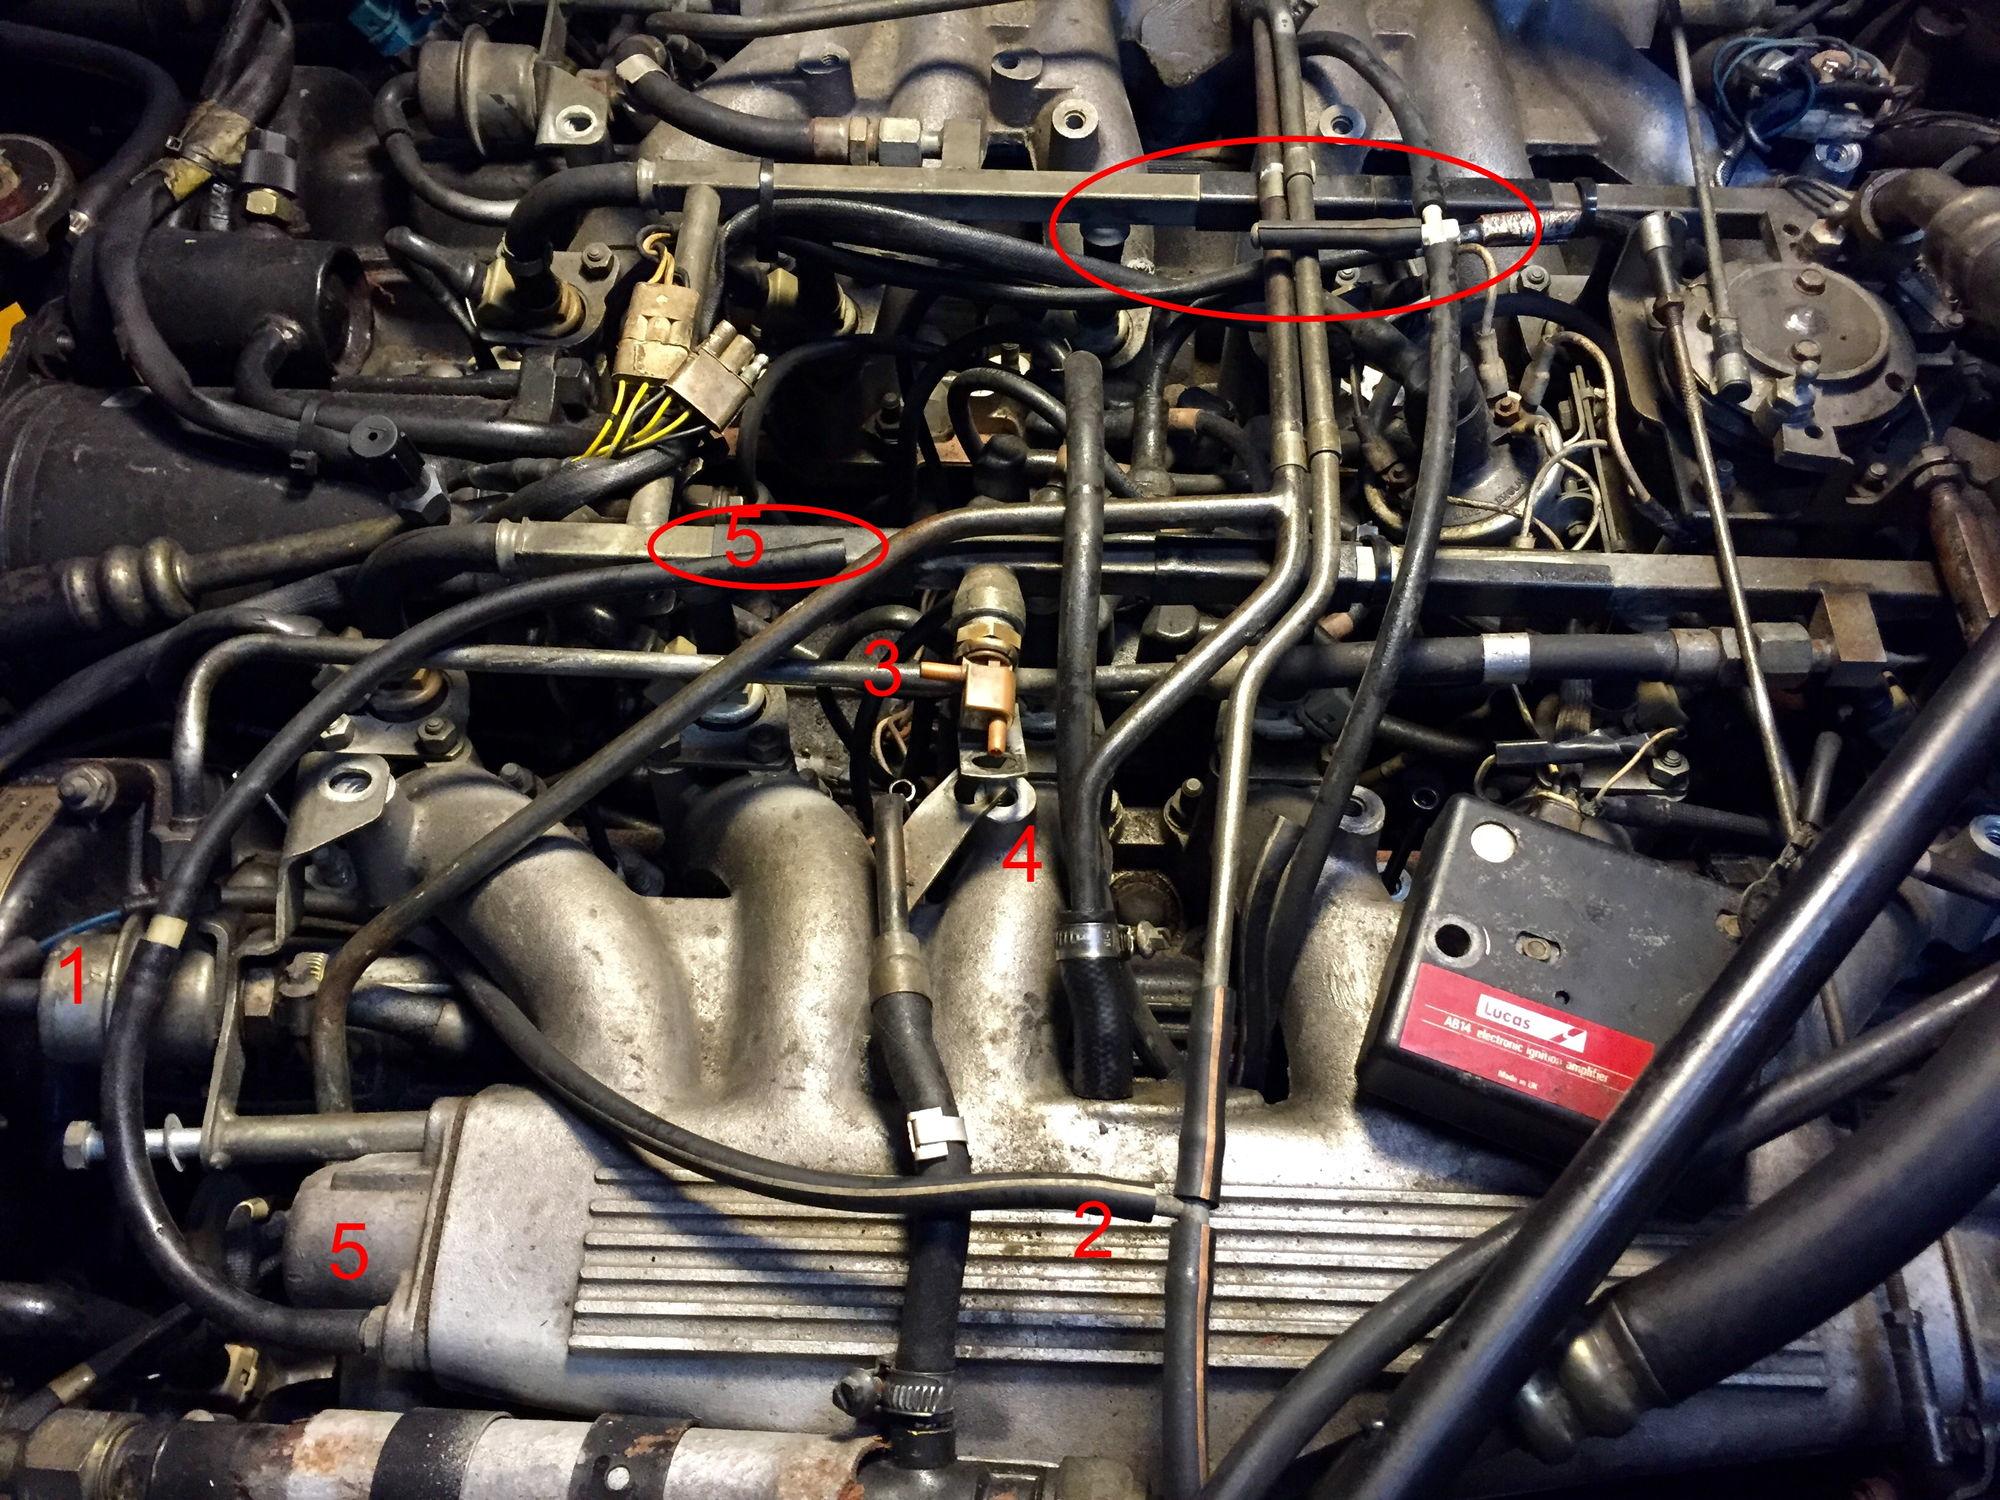 Jaguar V12 Vacuum Diagram Further Jaguar X Type Vacuum Diagram